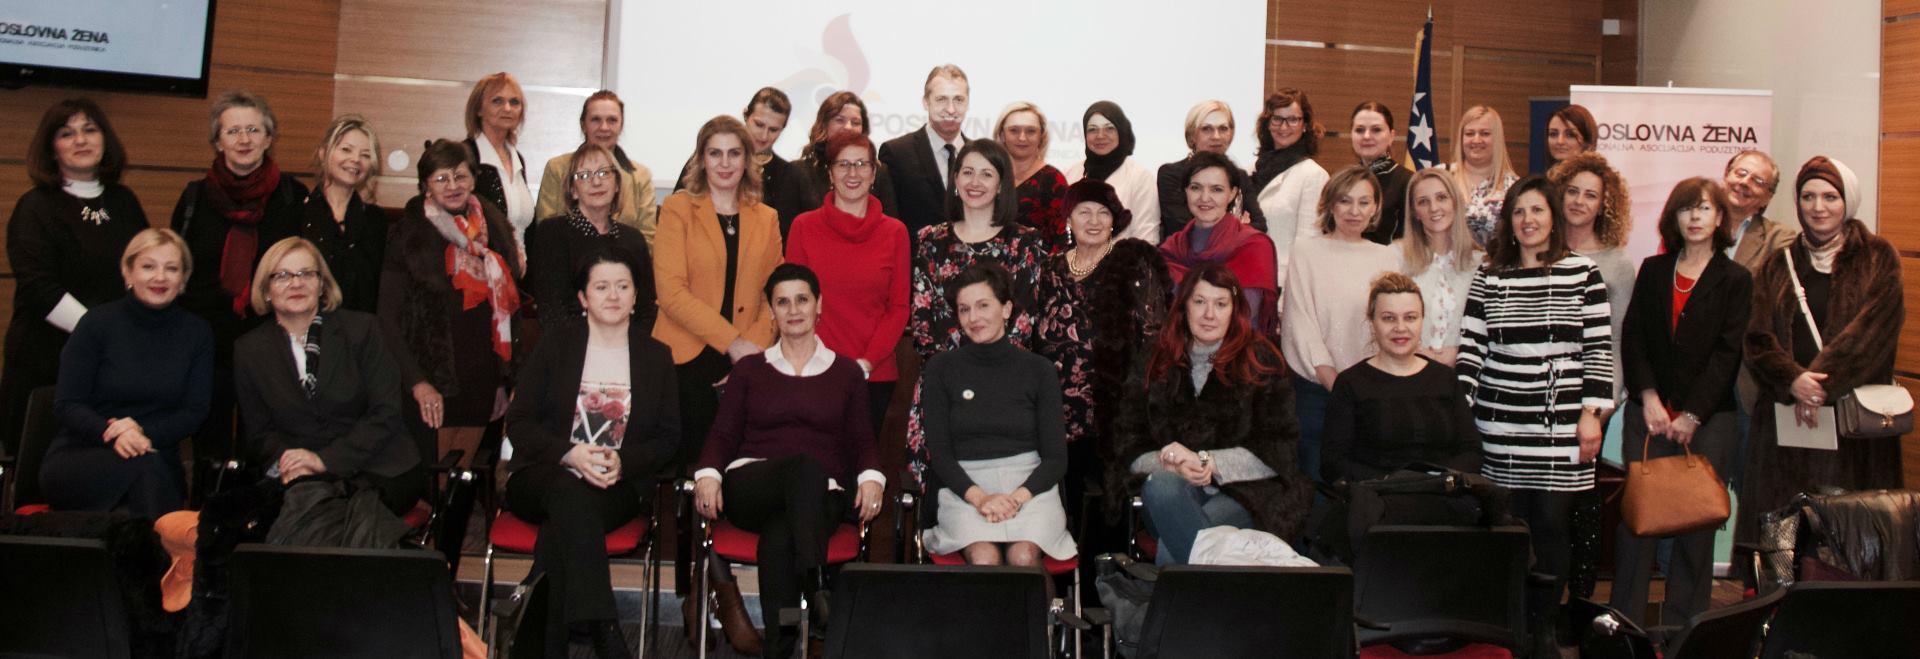 Rođendan Virtualnog ženskog poduzetničkog centra